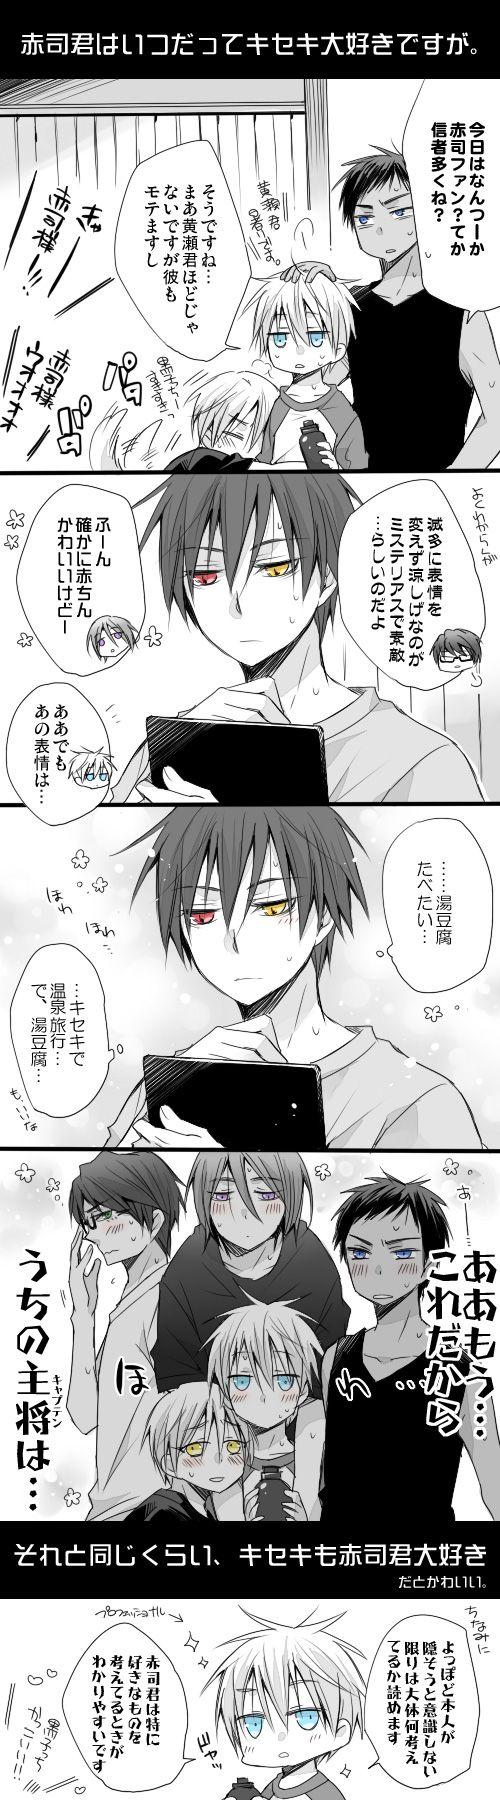 Kiseki no Sedai. I have no clue what this says but Aomine, Kise, and Kuroko are cracking me up!